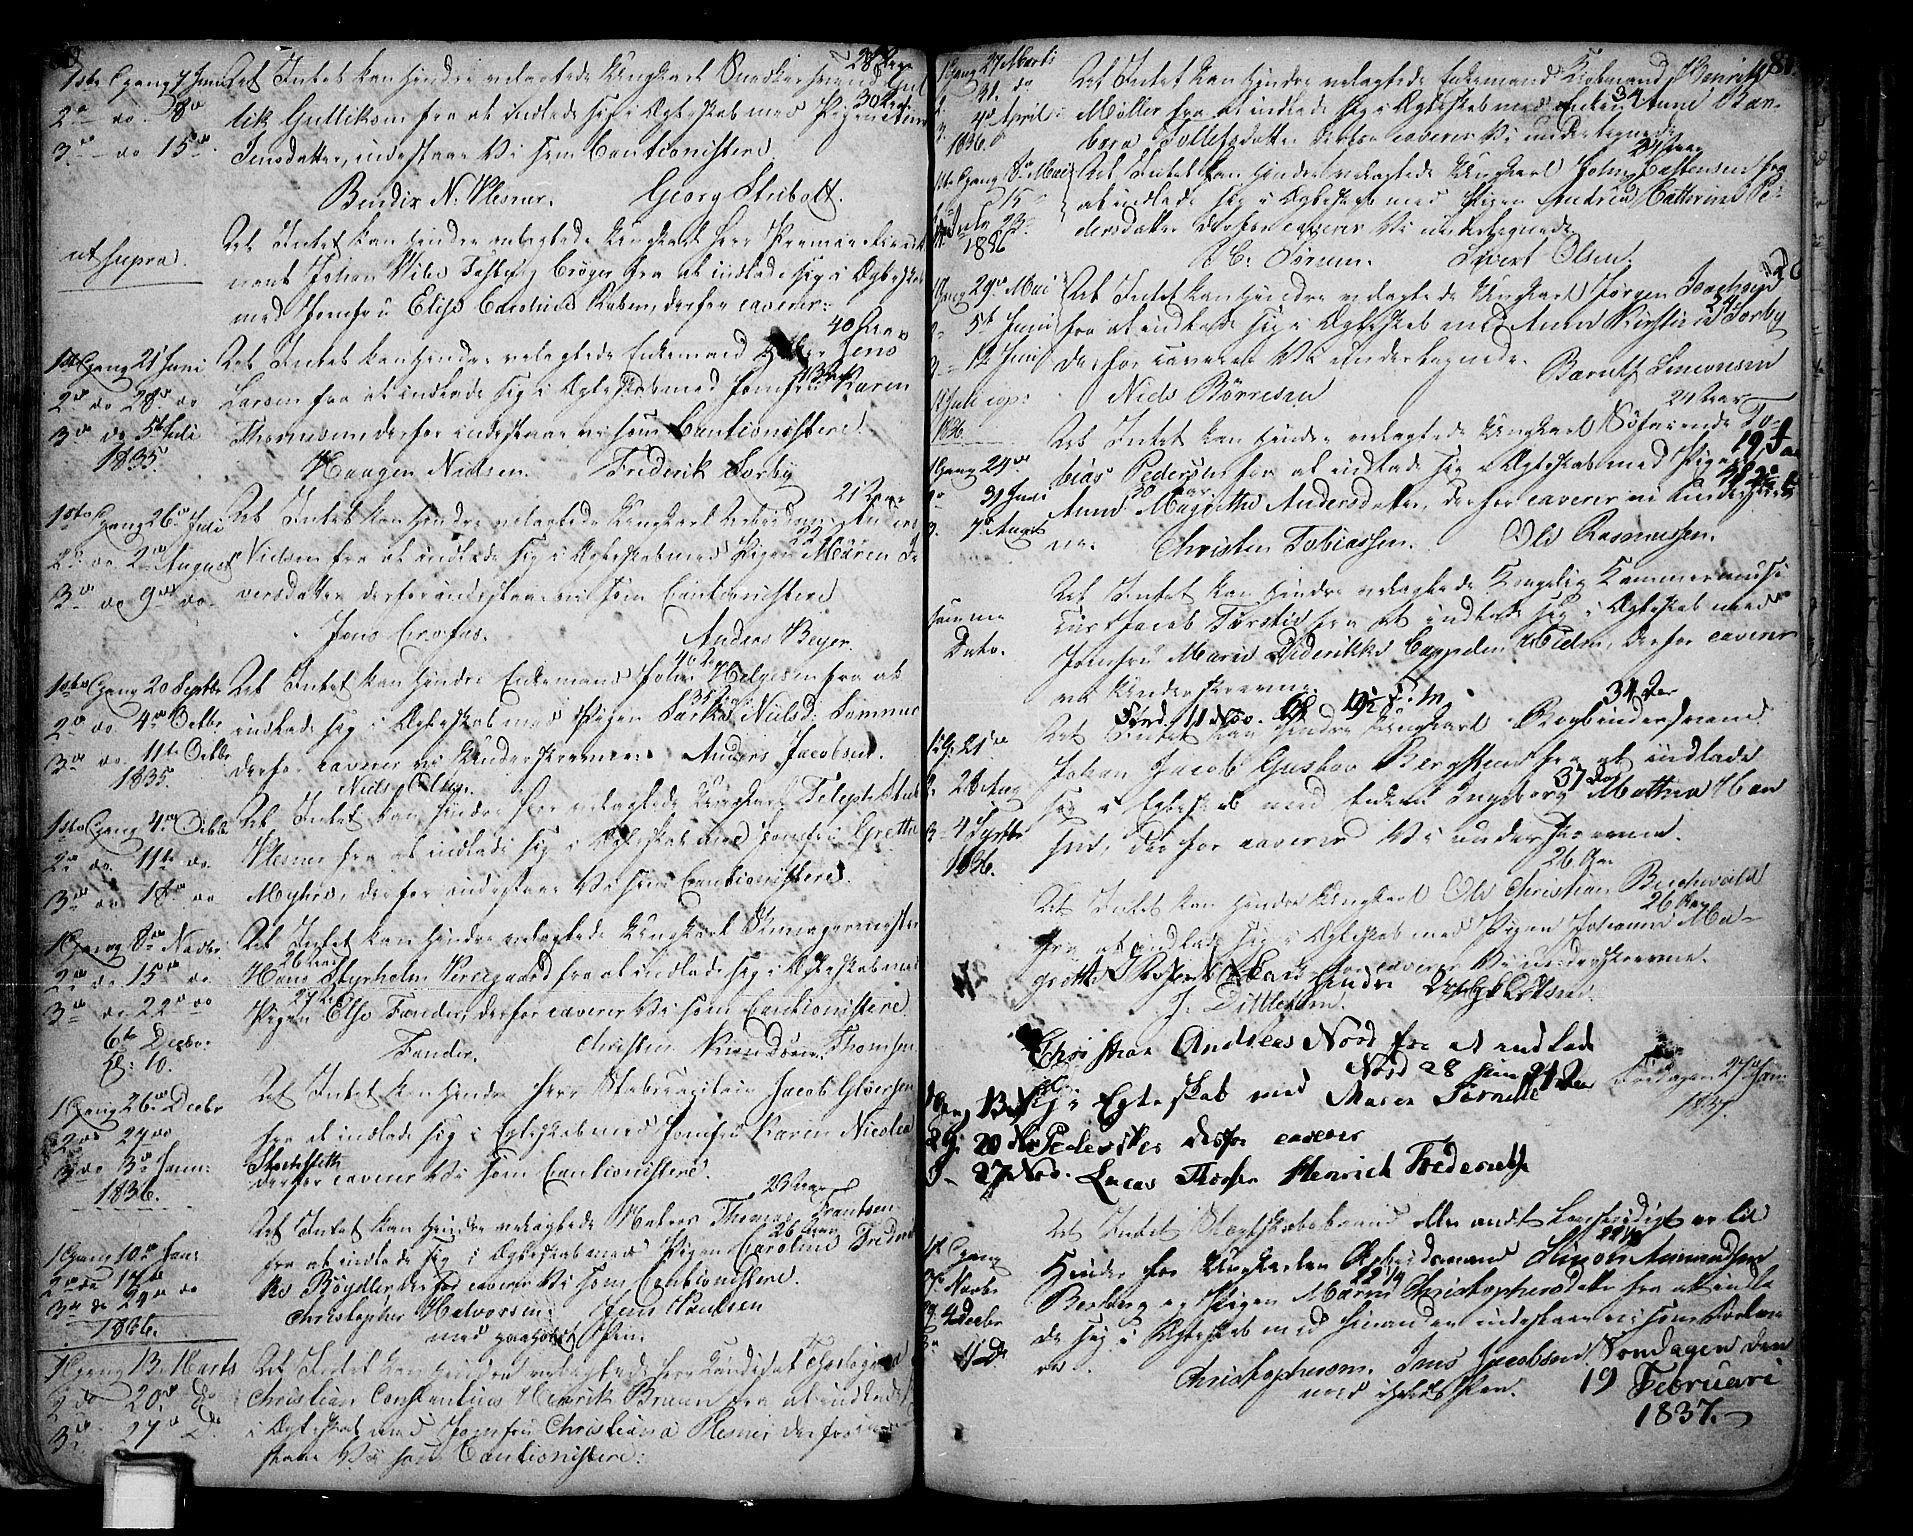 SAKO, Skien kirkebøker, F/Fa/L0004: Ministerialbok nr. 4, 1792-1814, s. 80-81